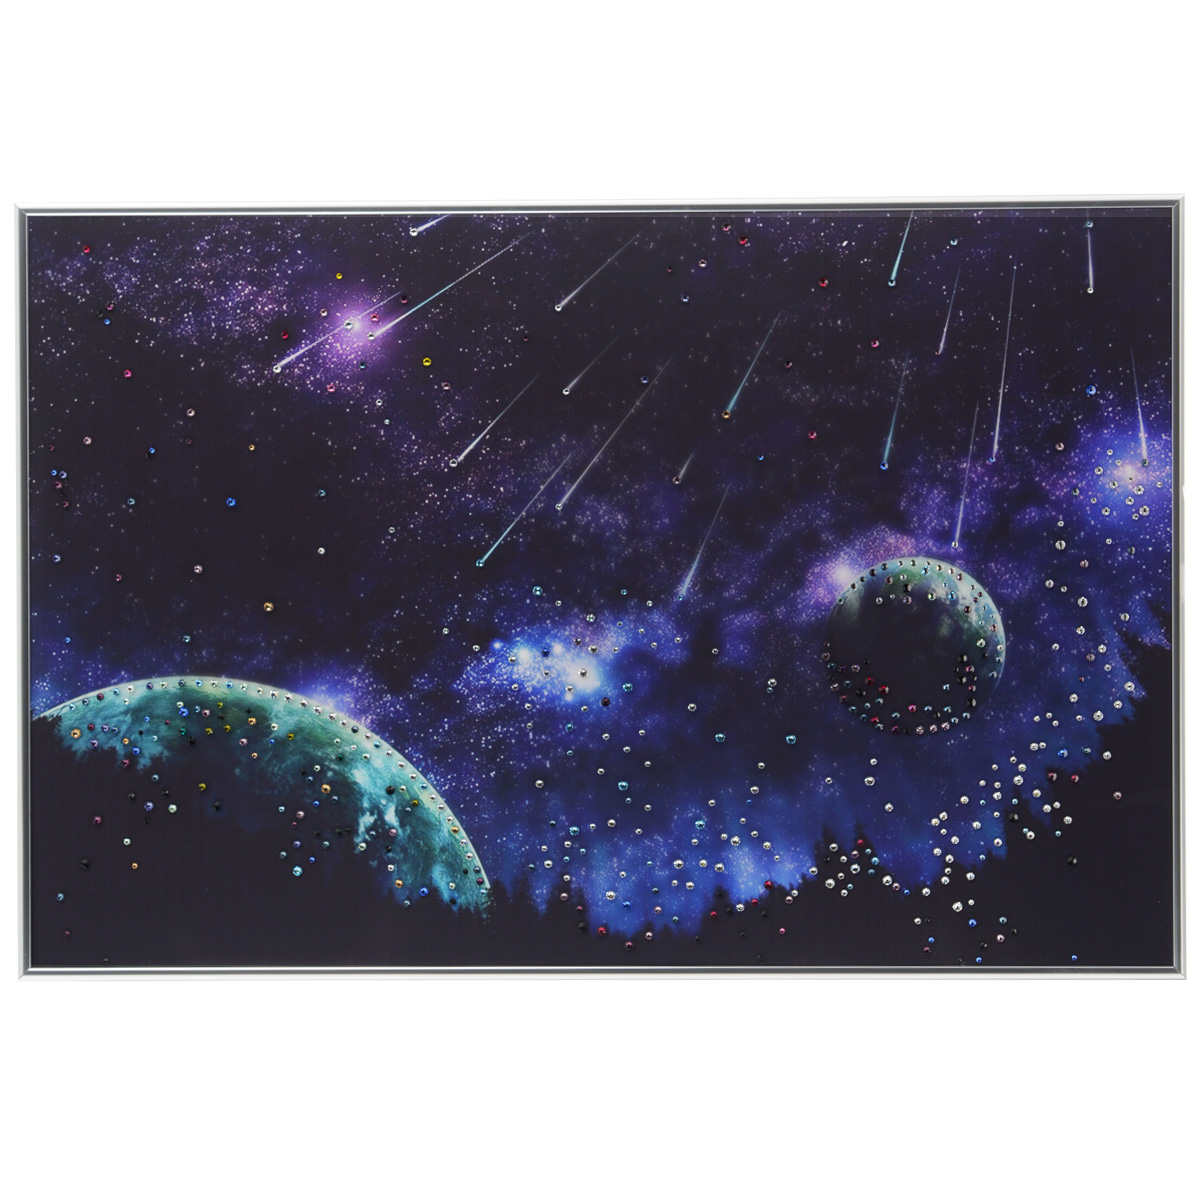 Картина с кристаллами Swarovski Звездопад, 60 см х 40 смPM-4004Изящная картина в металлической раме, инкрустирована кристаллами Swarovski, которые отличаются четкой и ровной огранкой, ярким блеском и чистотой цвета. Красочное изображение звездопада, расположенное на внутренней стороне стекла, прекрасно дополняет блеск кристаллов. С обратной стороны имеется металлическая петелька для размещения картины на стене. Картина с кристаллами Swarovski Звездопад элегантно украсит интерьер дома или офиса, а также станет прекрасным подарком, который обязательно понравится получателю. Блеск кристаллов в интерьере, что может быть сказочнее и удивительнее. Картина упакована в подарочную картонную коробку синего цвета и комплектуется сертификатом соответствия Swarovski.